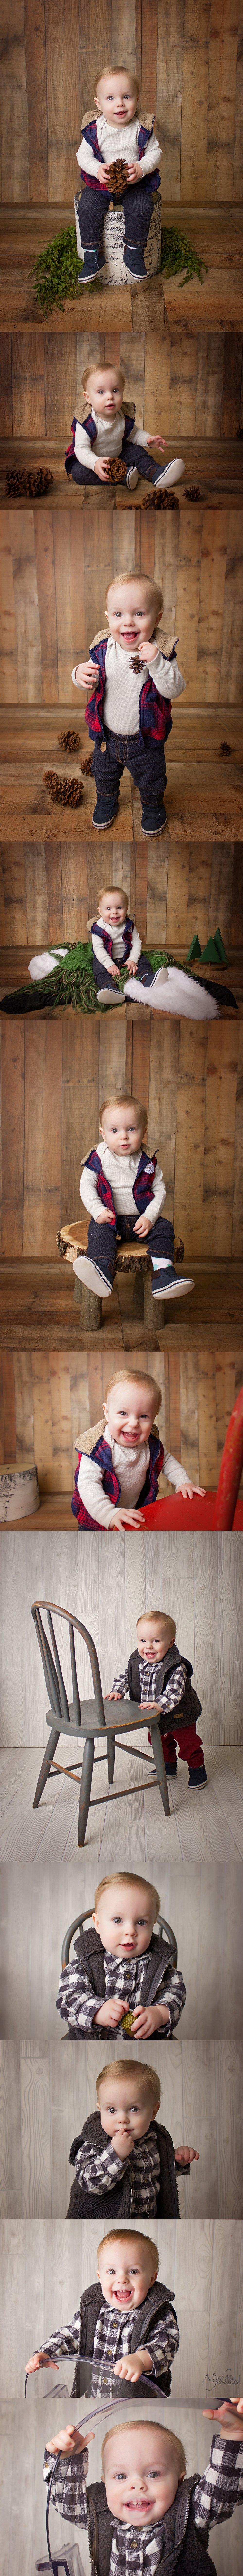 St. Joseph Michigan Newborn, Child and family Photographer_0353.jpg